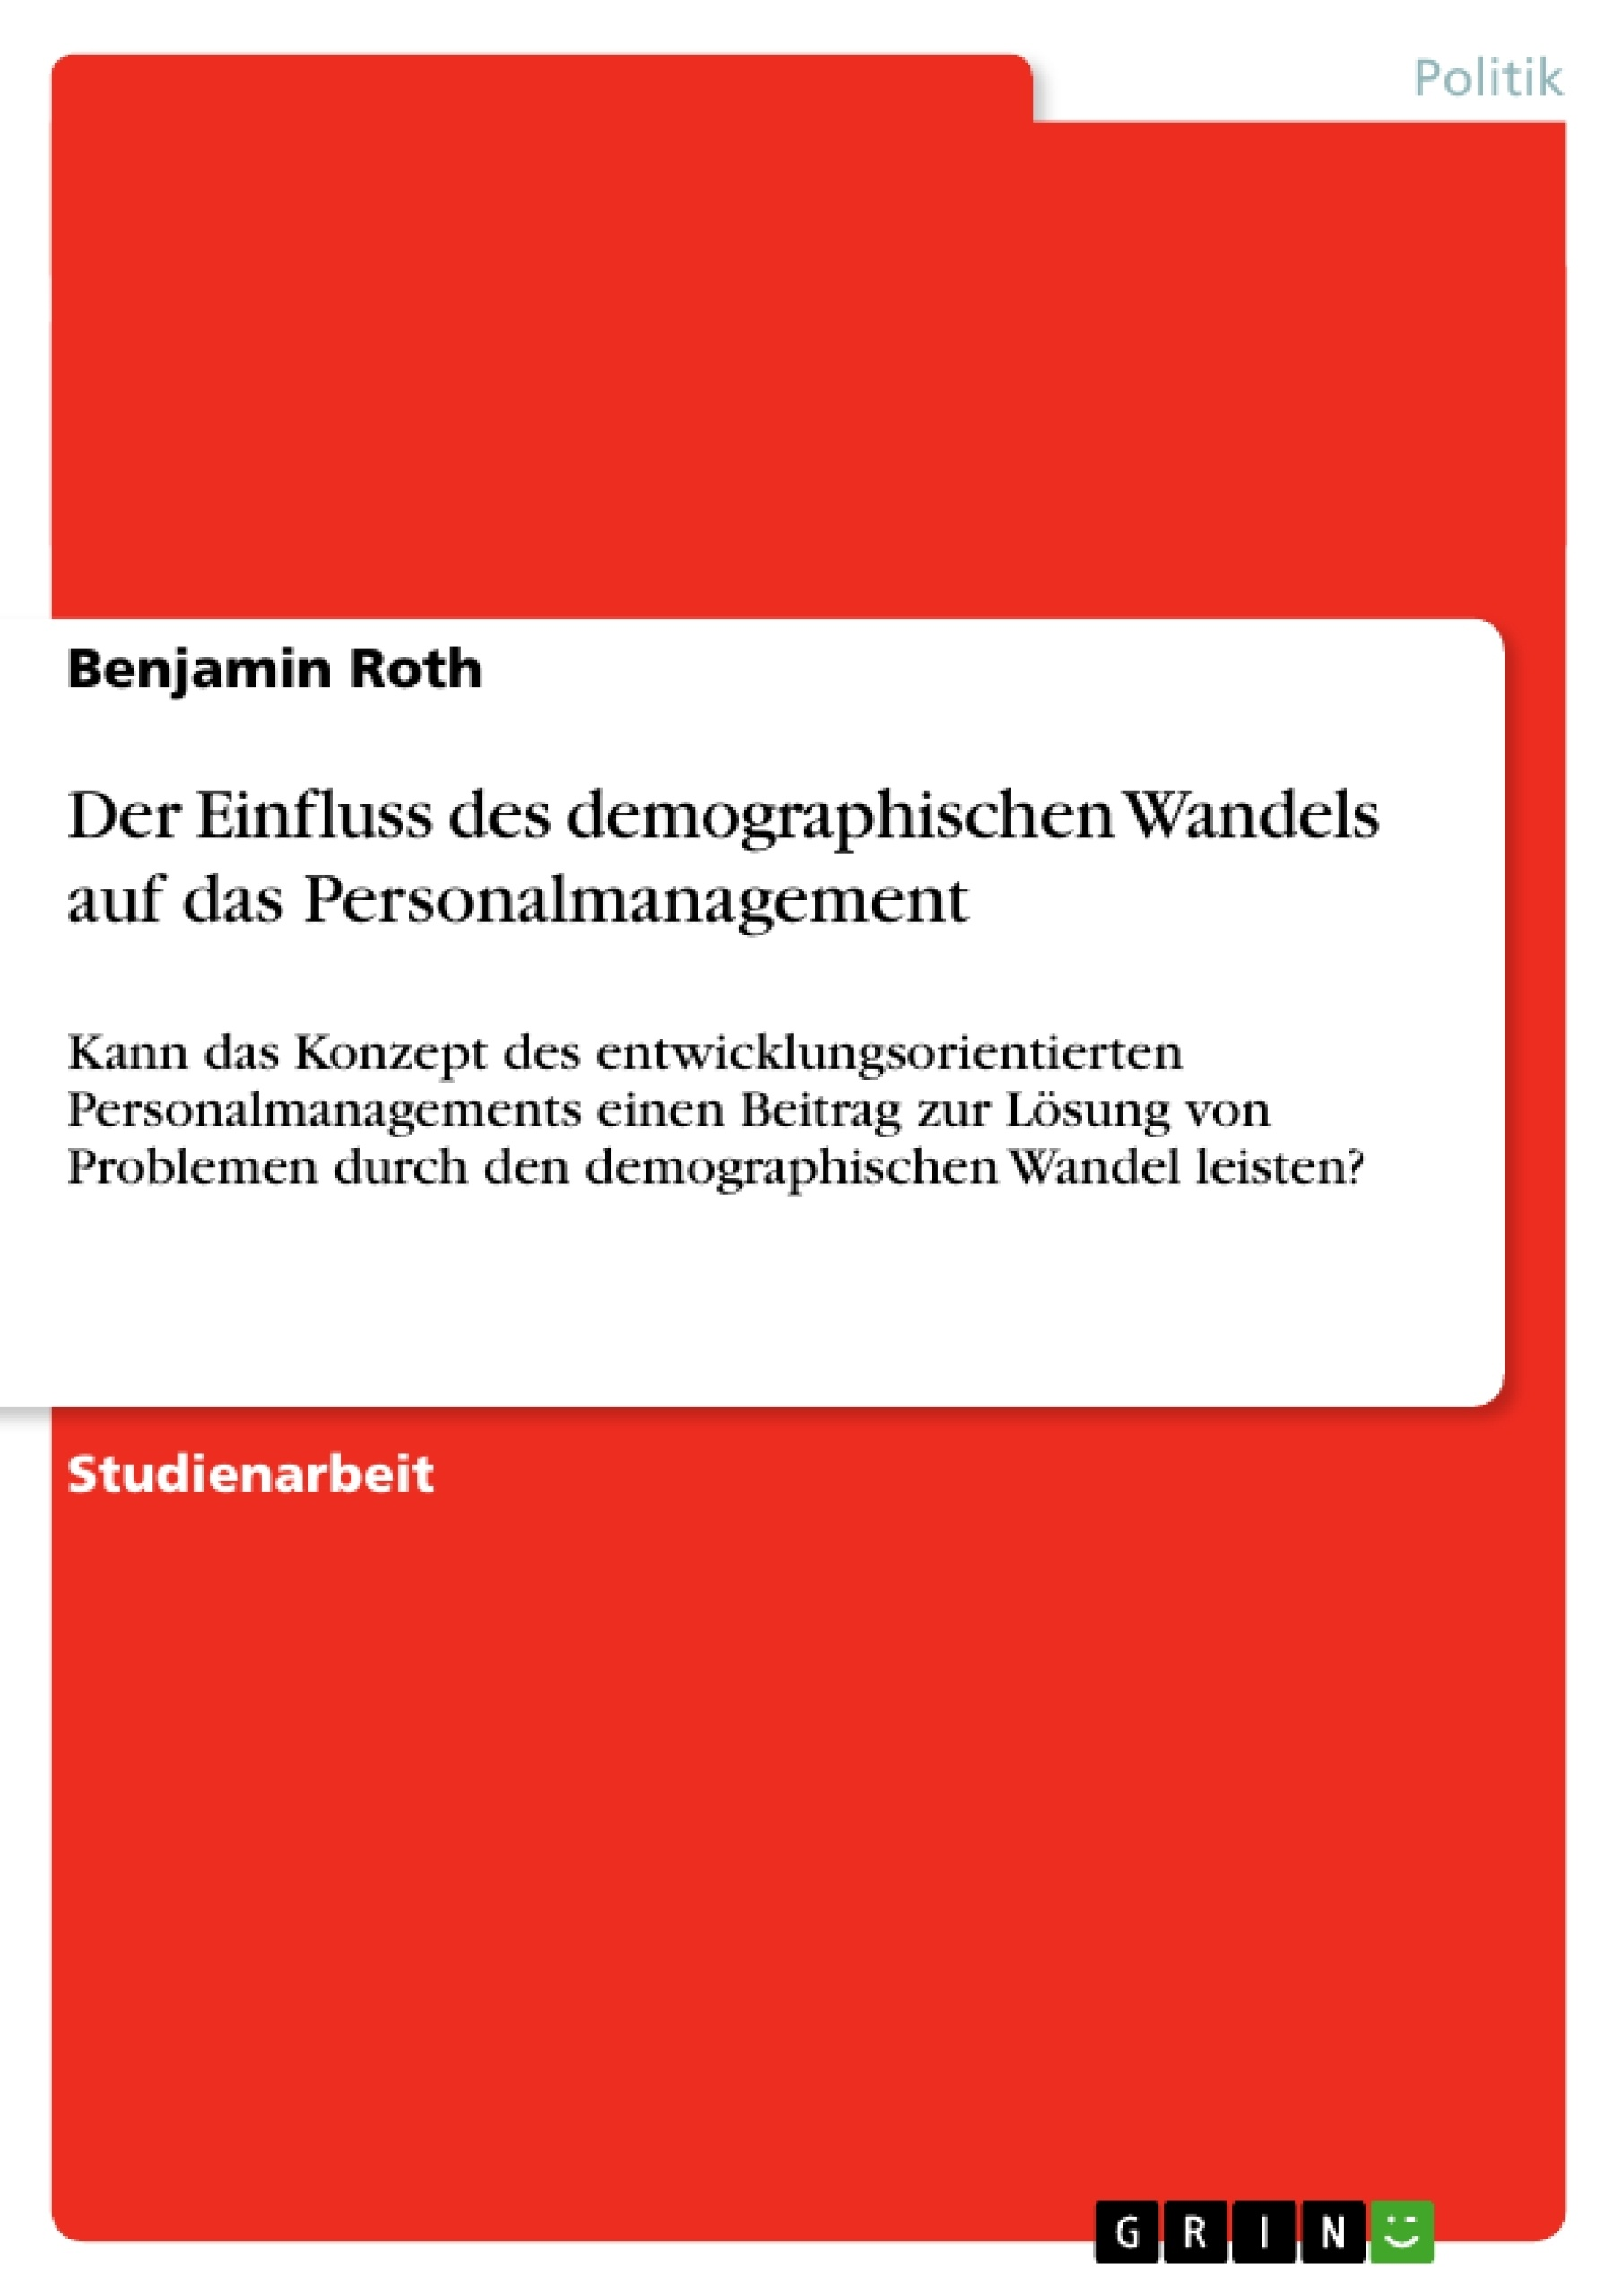 Titel: Der Einfluss des demographischen Wandels auf das Personalmanagement